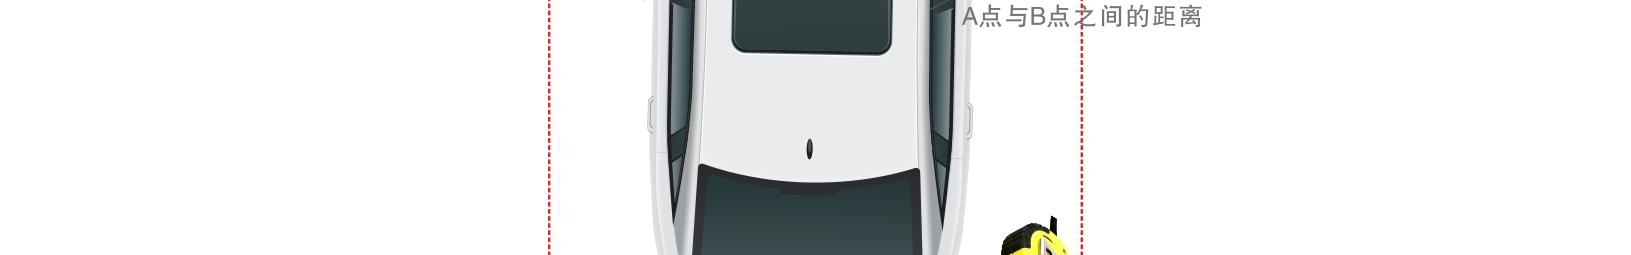 麒麟眼 GQ-2260说明书